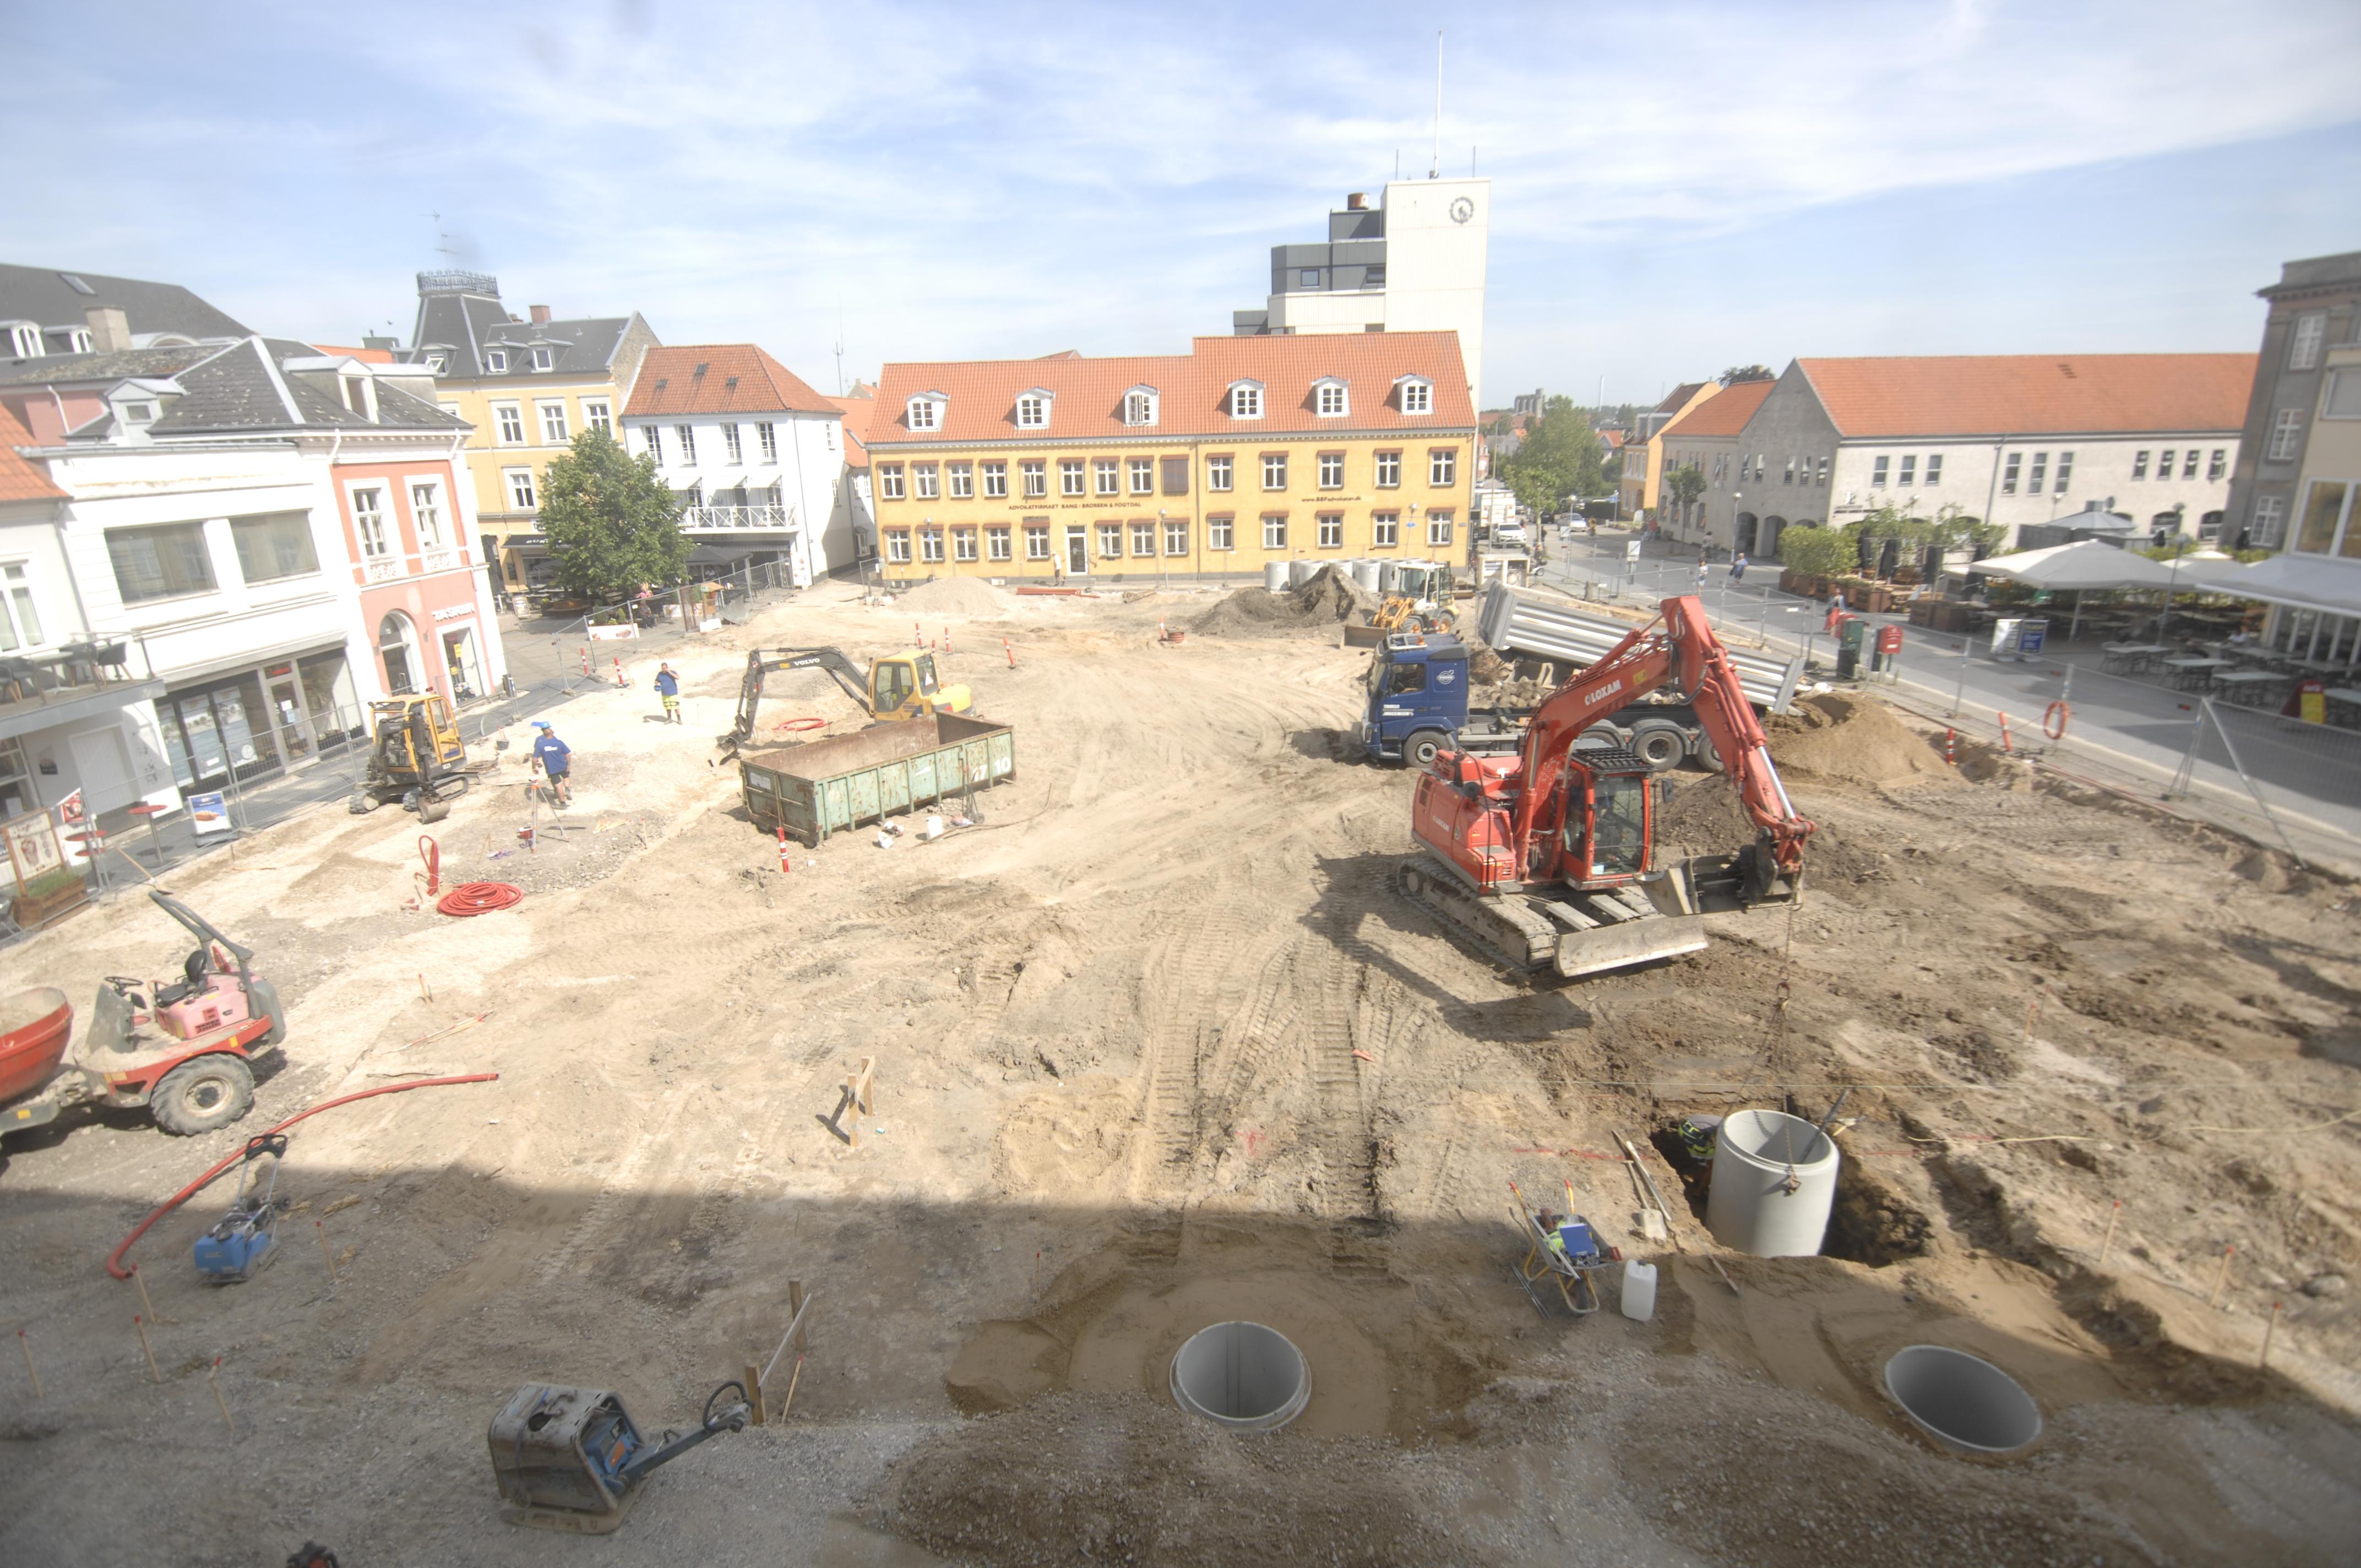 Ombygning af Nyk F torv 2019 by JP Madsen